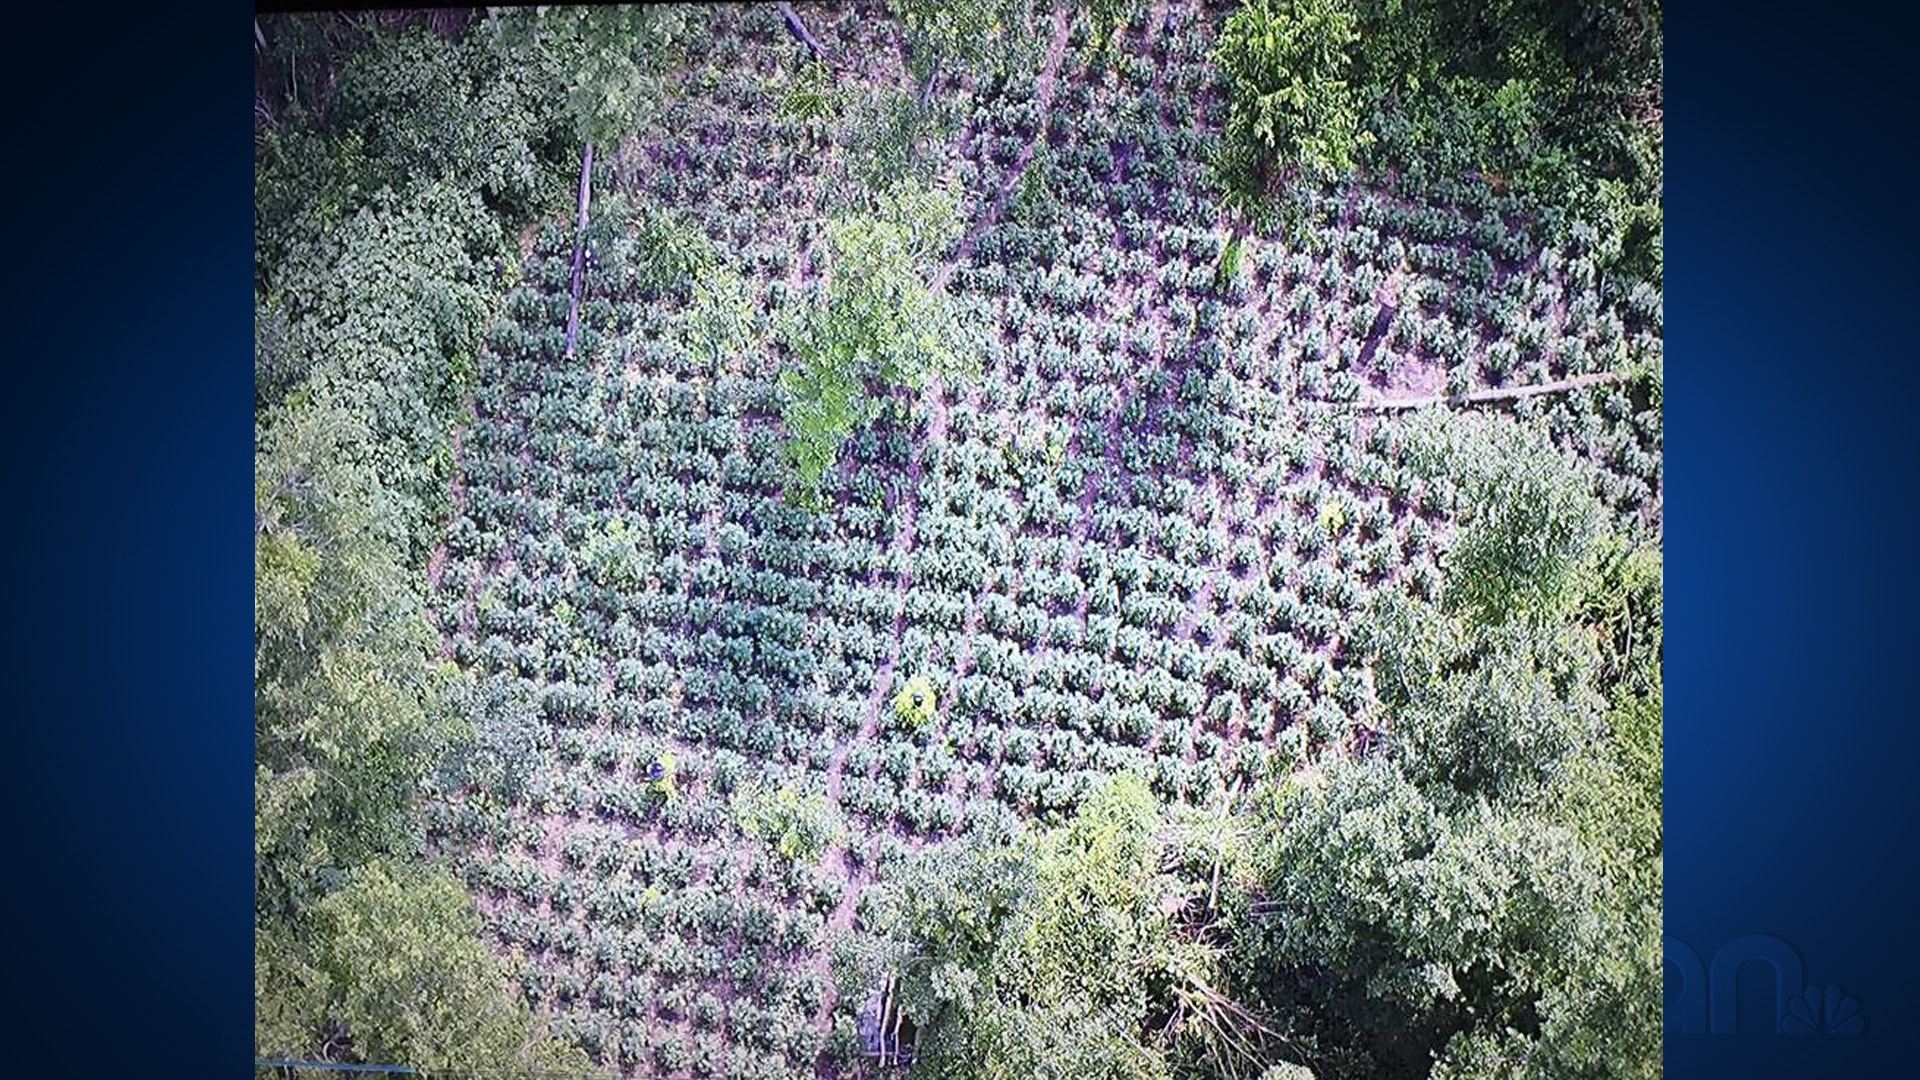 Large marijuana grow operation in Navarro County, Texas